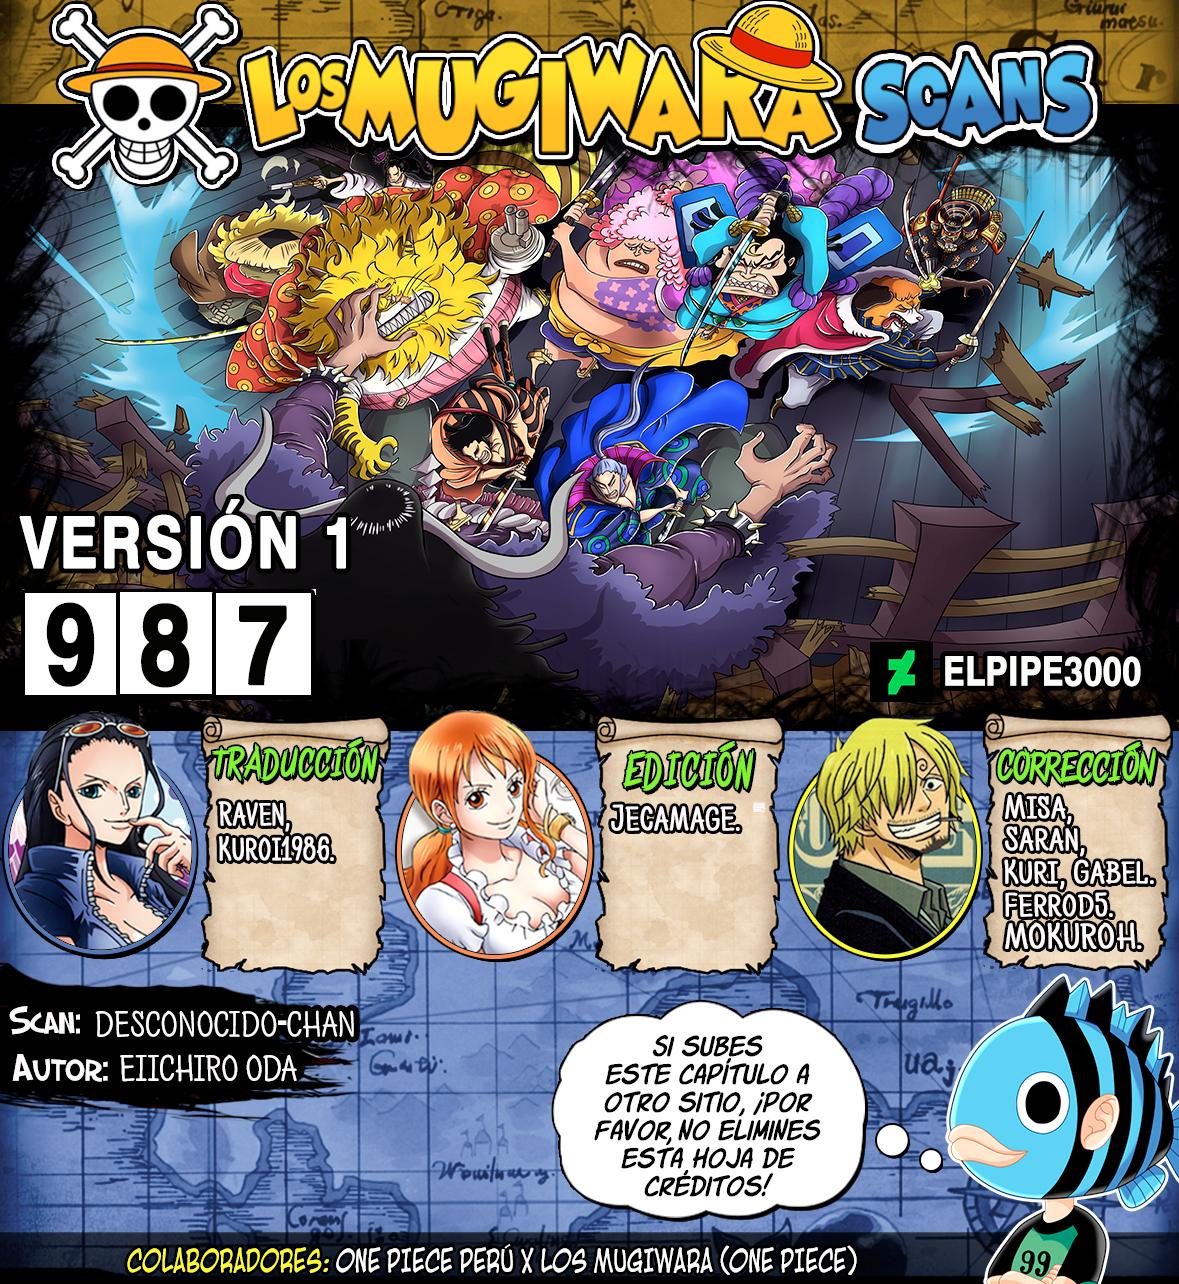 One Piece Manga 987 [Español] [Mugiwara Scans] 000